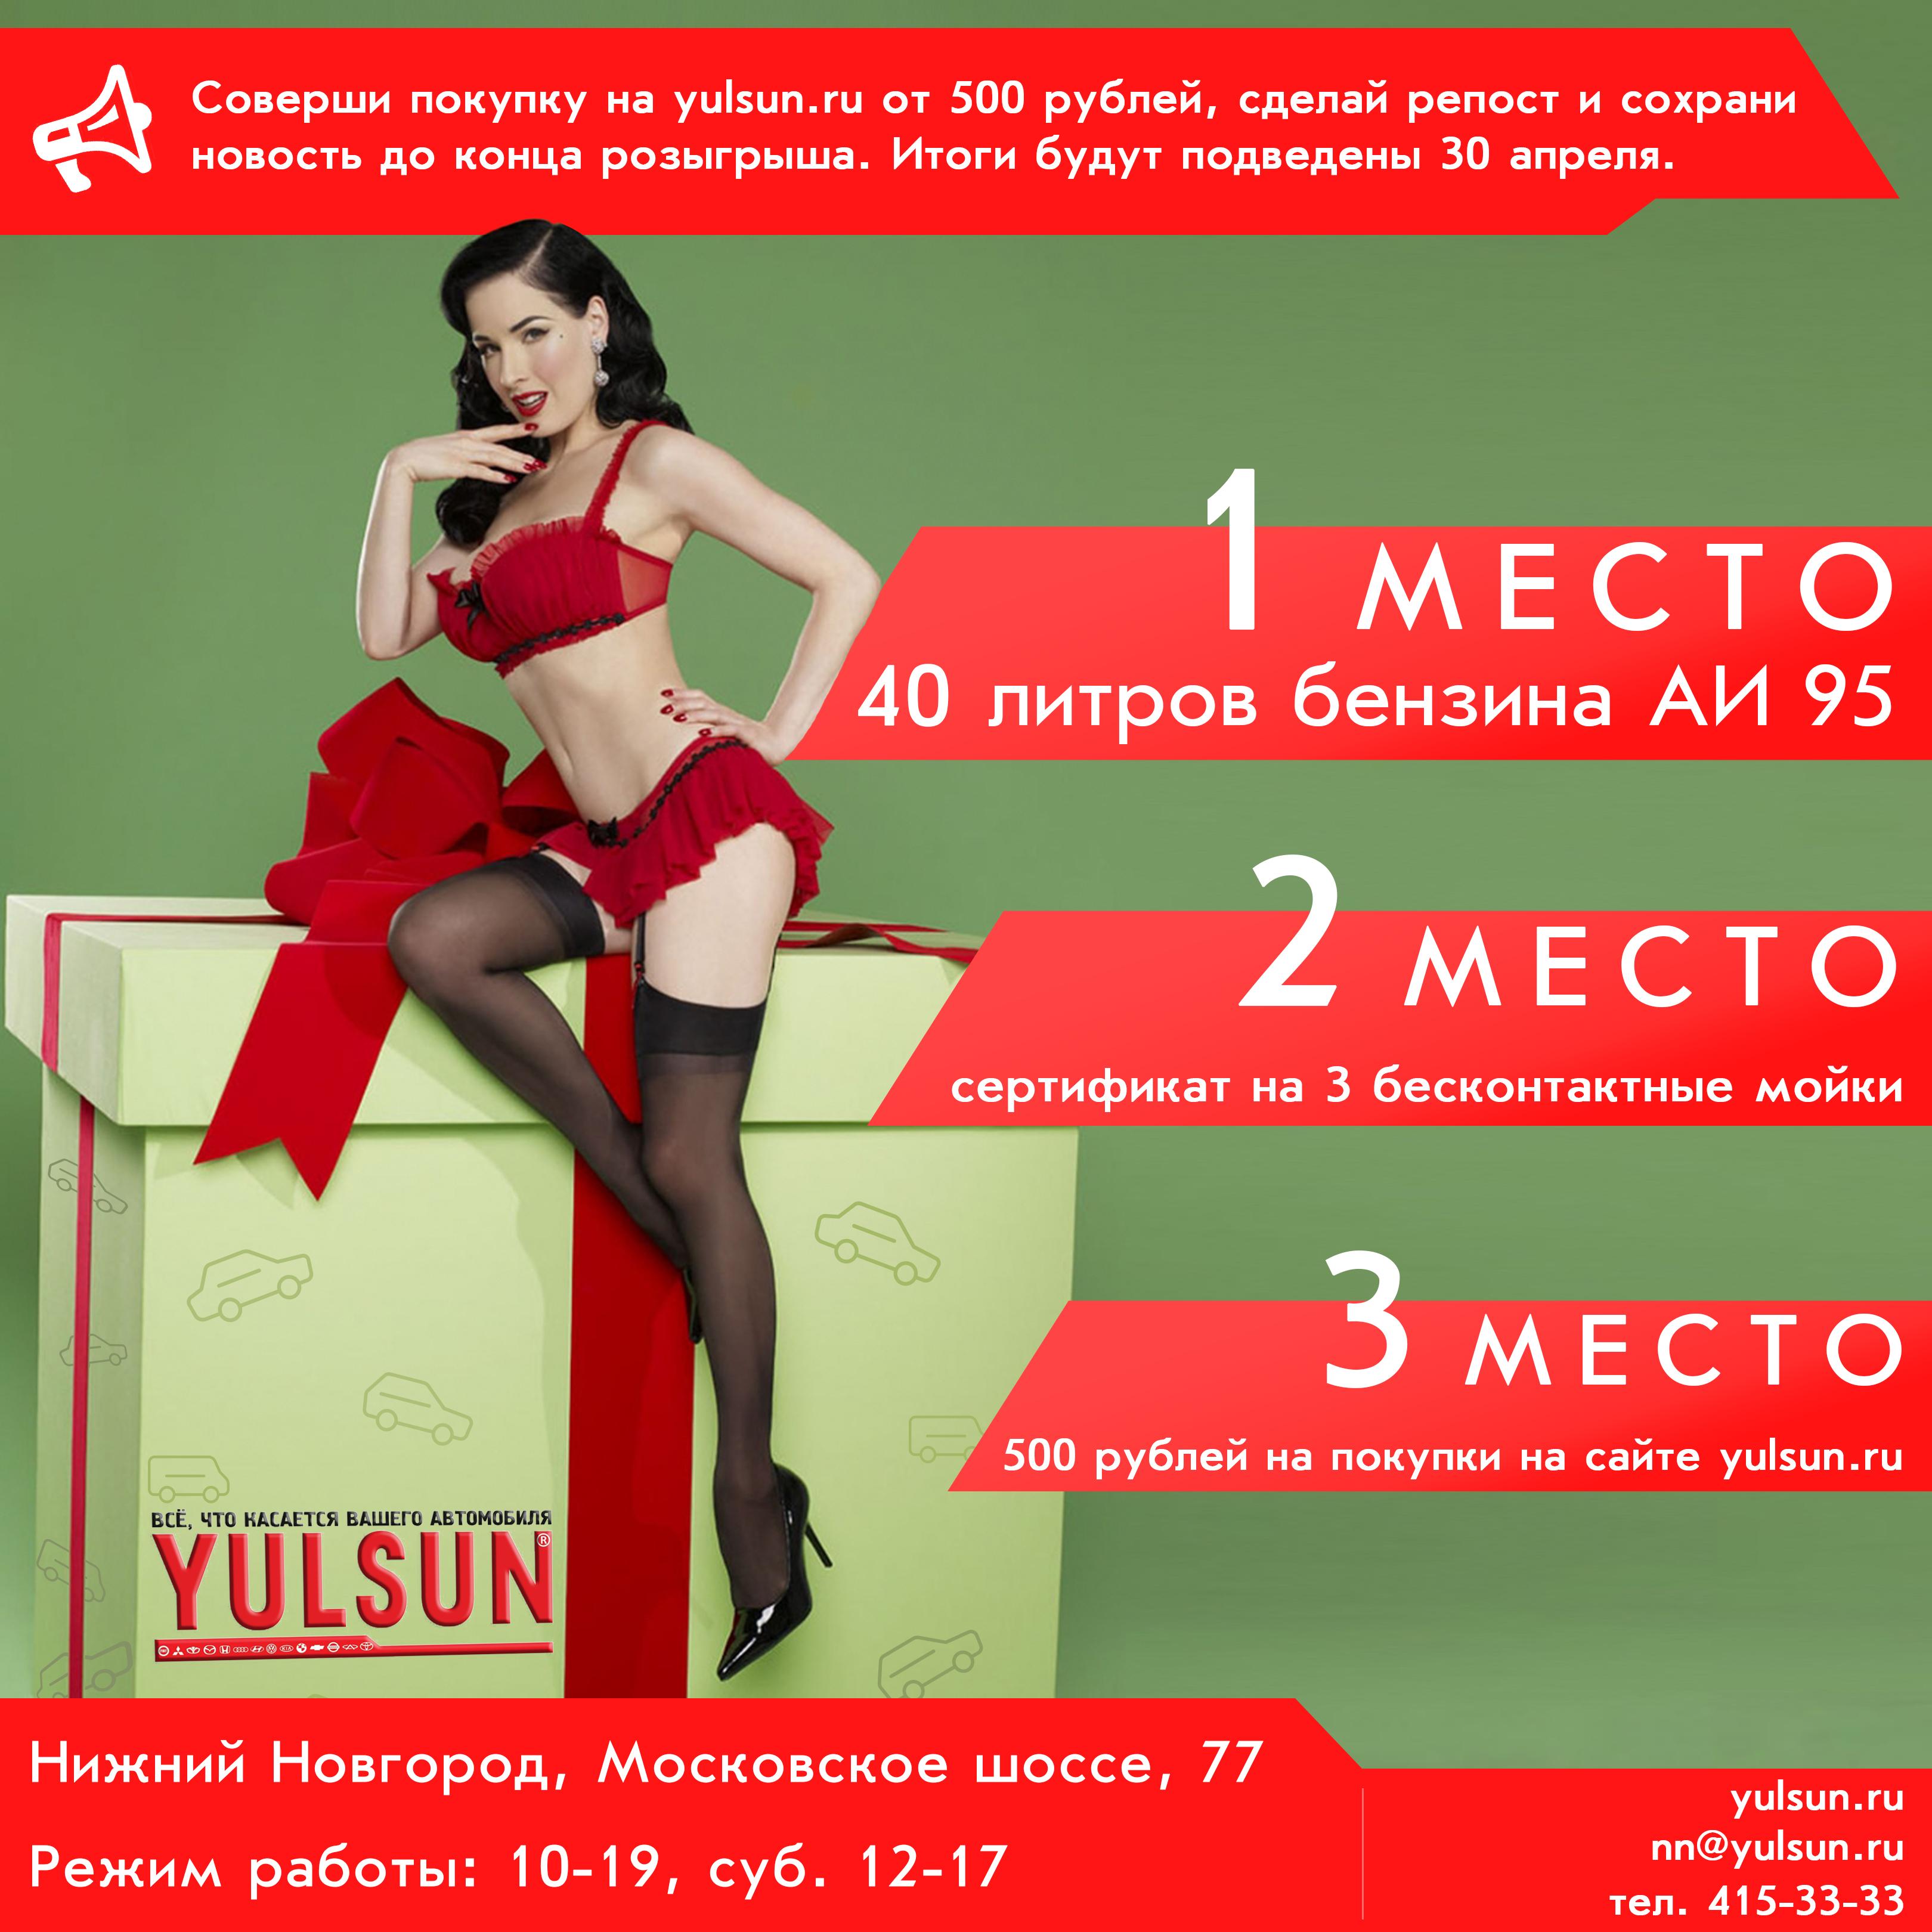 Юлсан - баннер для рекламной компании ВК